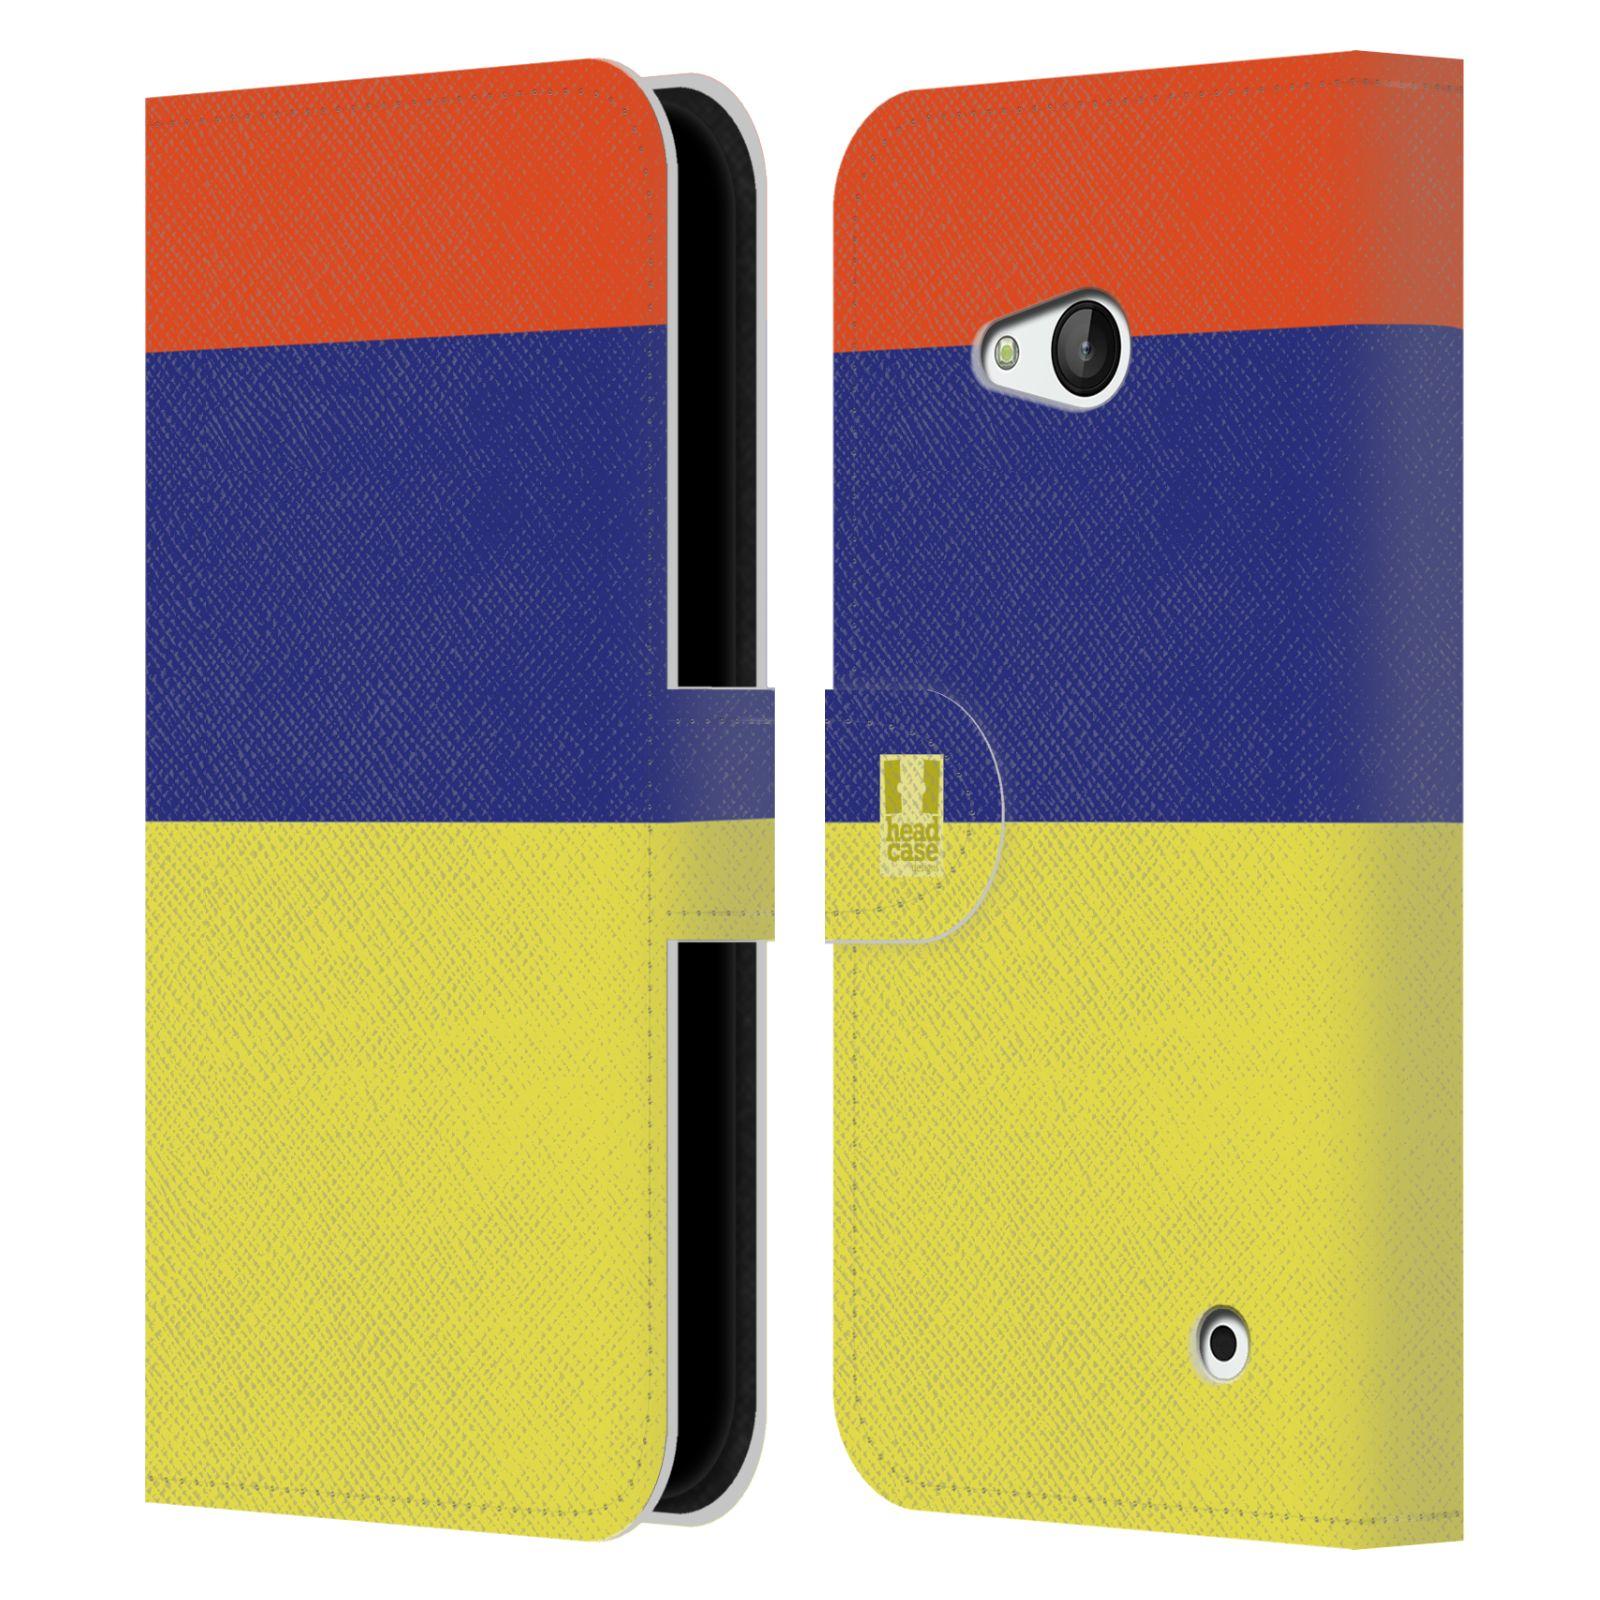 HEAD CASE Flipové pouzdro pro mobil Nokia LUMIA 640 barevné tvary žlutá, modrá, červená